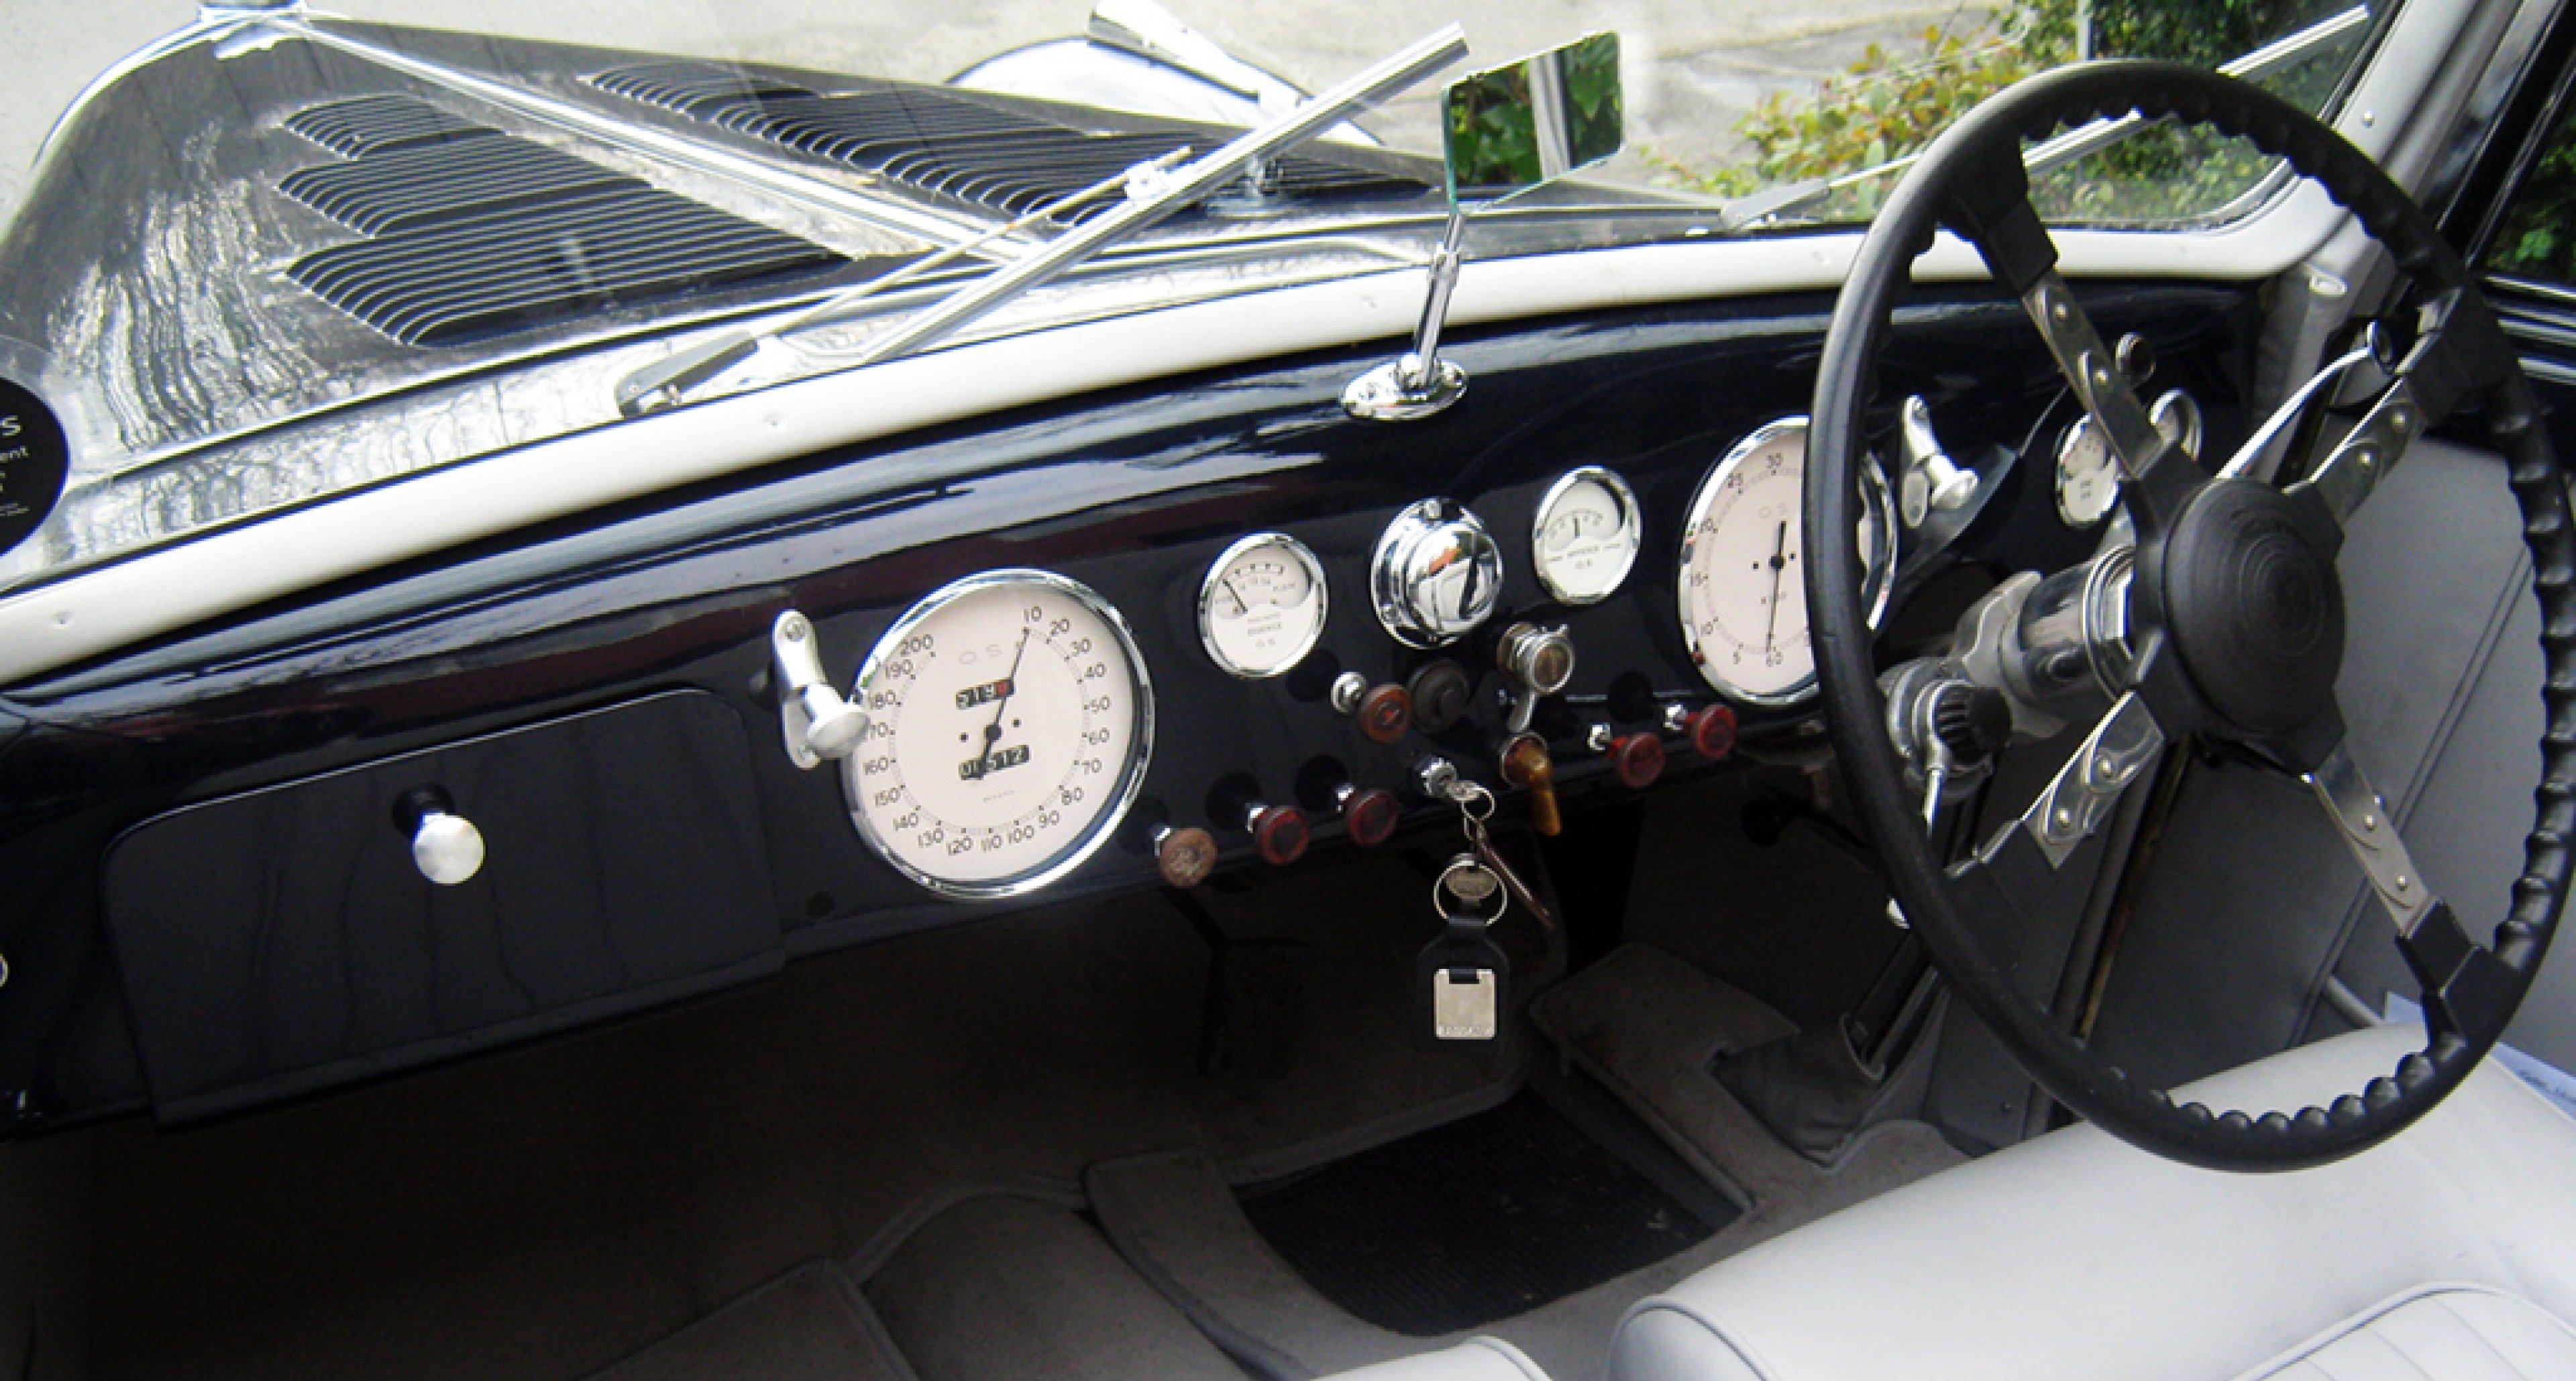 Historics at Brooklands versteigert Talbot Lago T26 Record Cabriolet